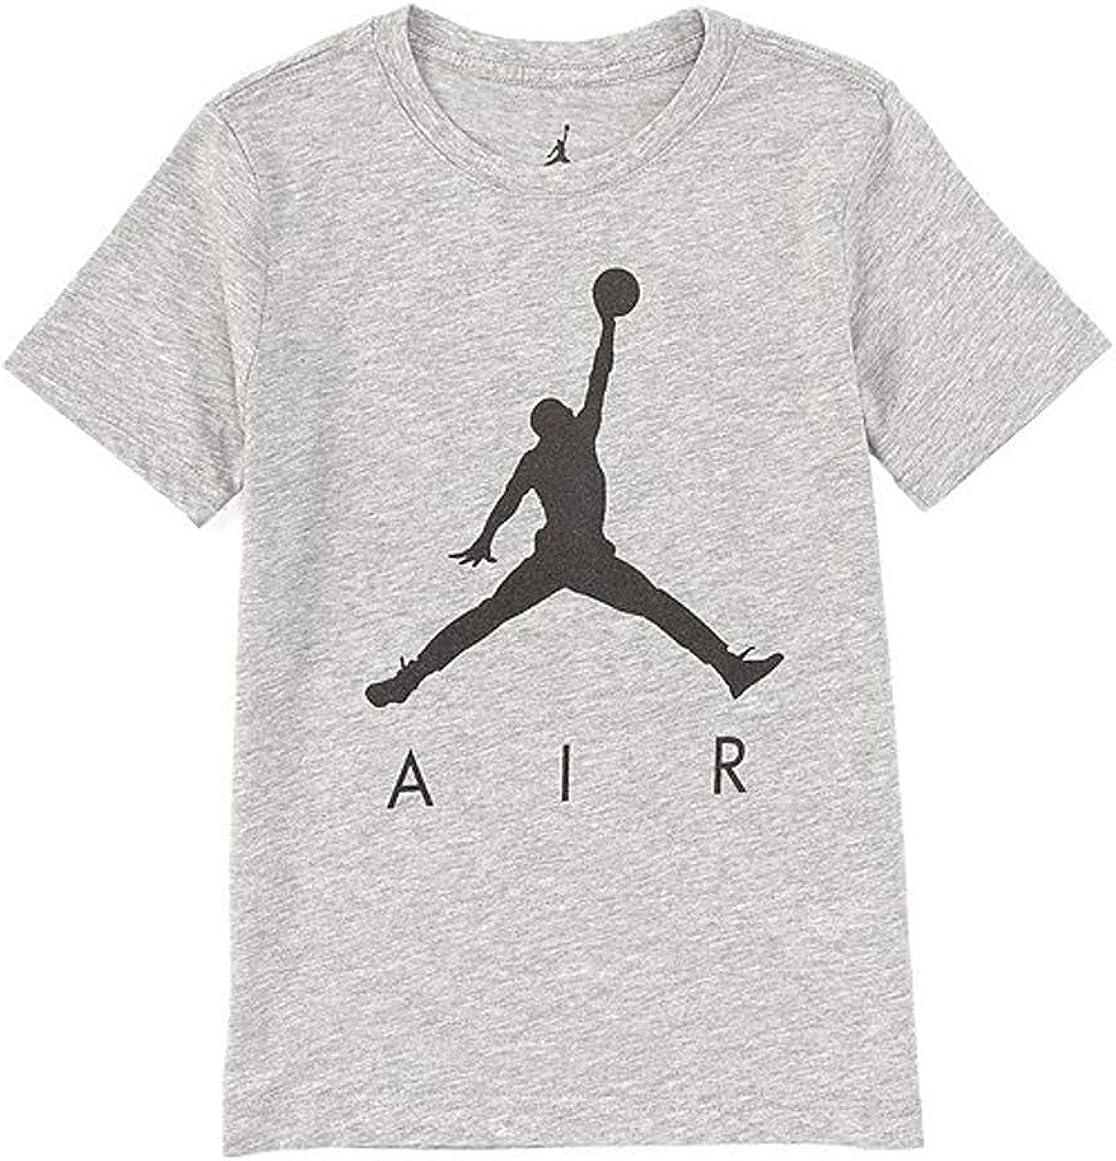 Nike Air Jordan Boys Jumpman 23 Dri-Fit T-Shirt